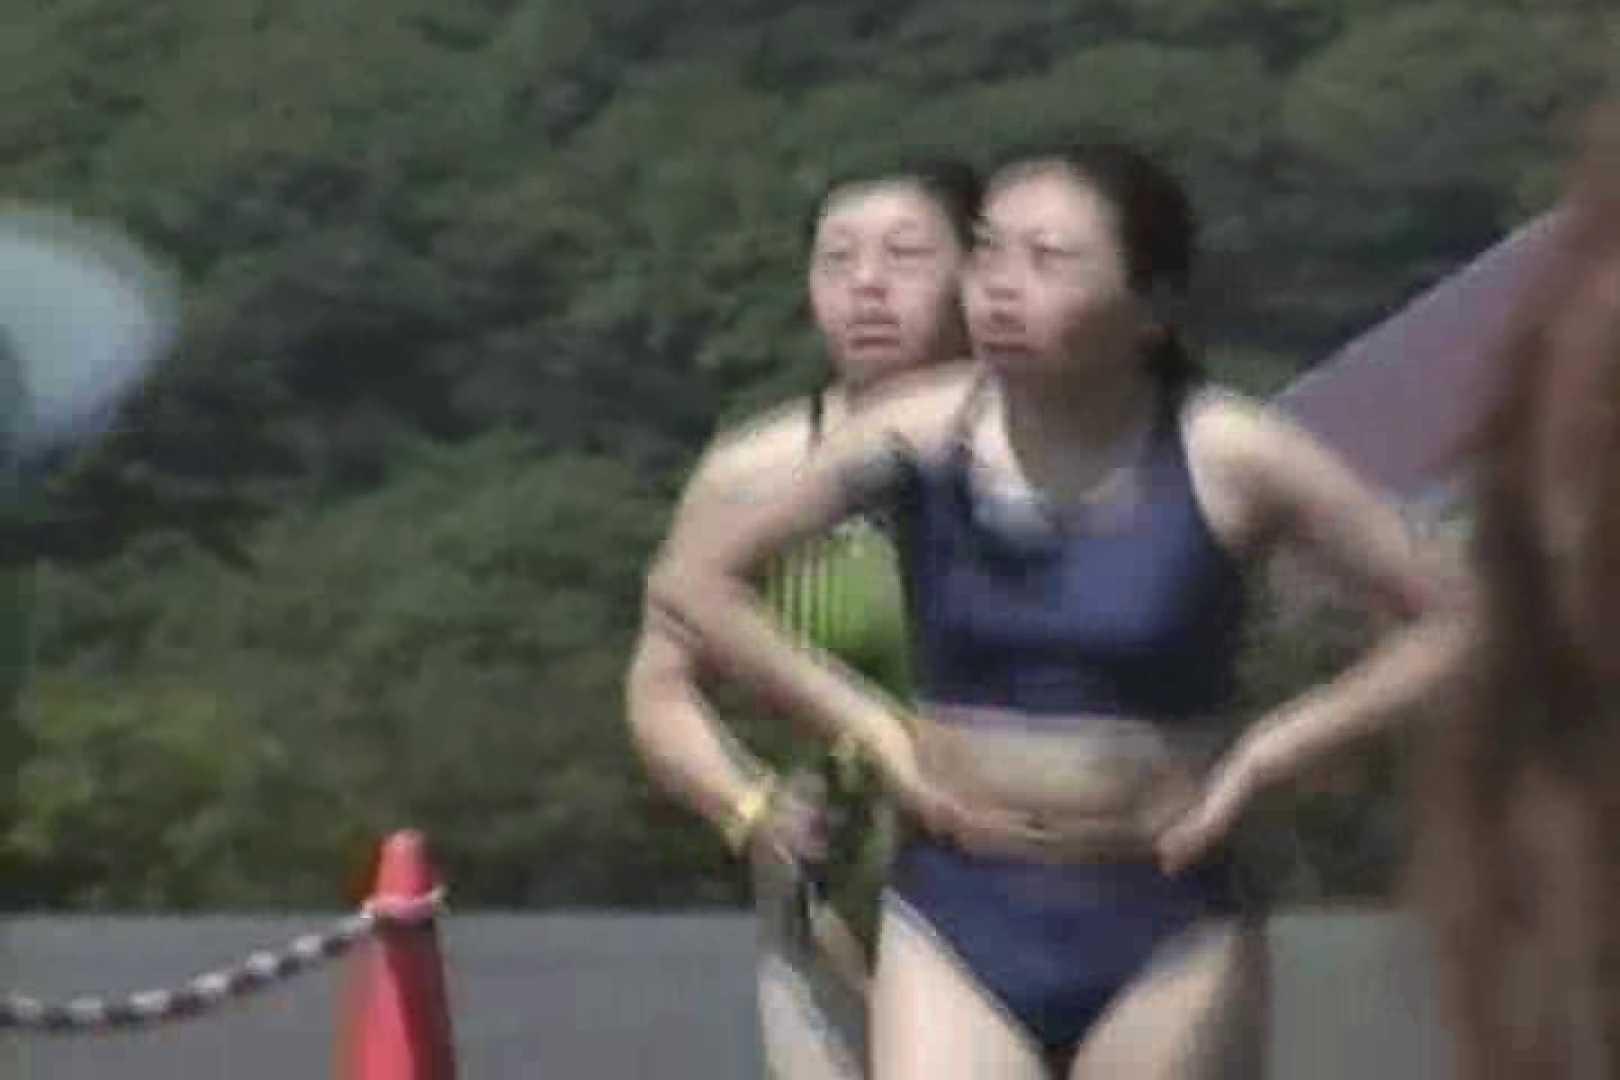 鉄人レース!!トライアスロンに挑む女性達!!Vol.6 コスチューム  75画像 36